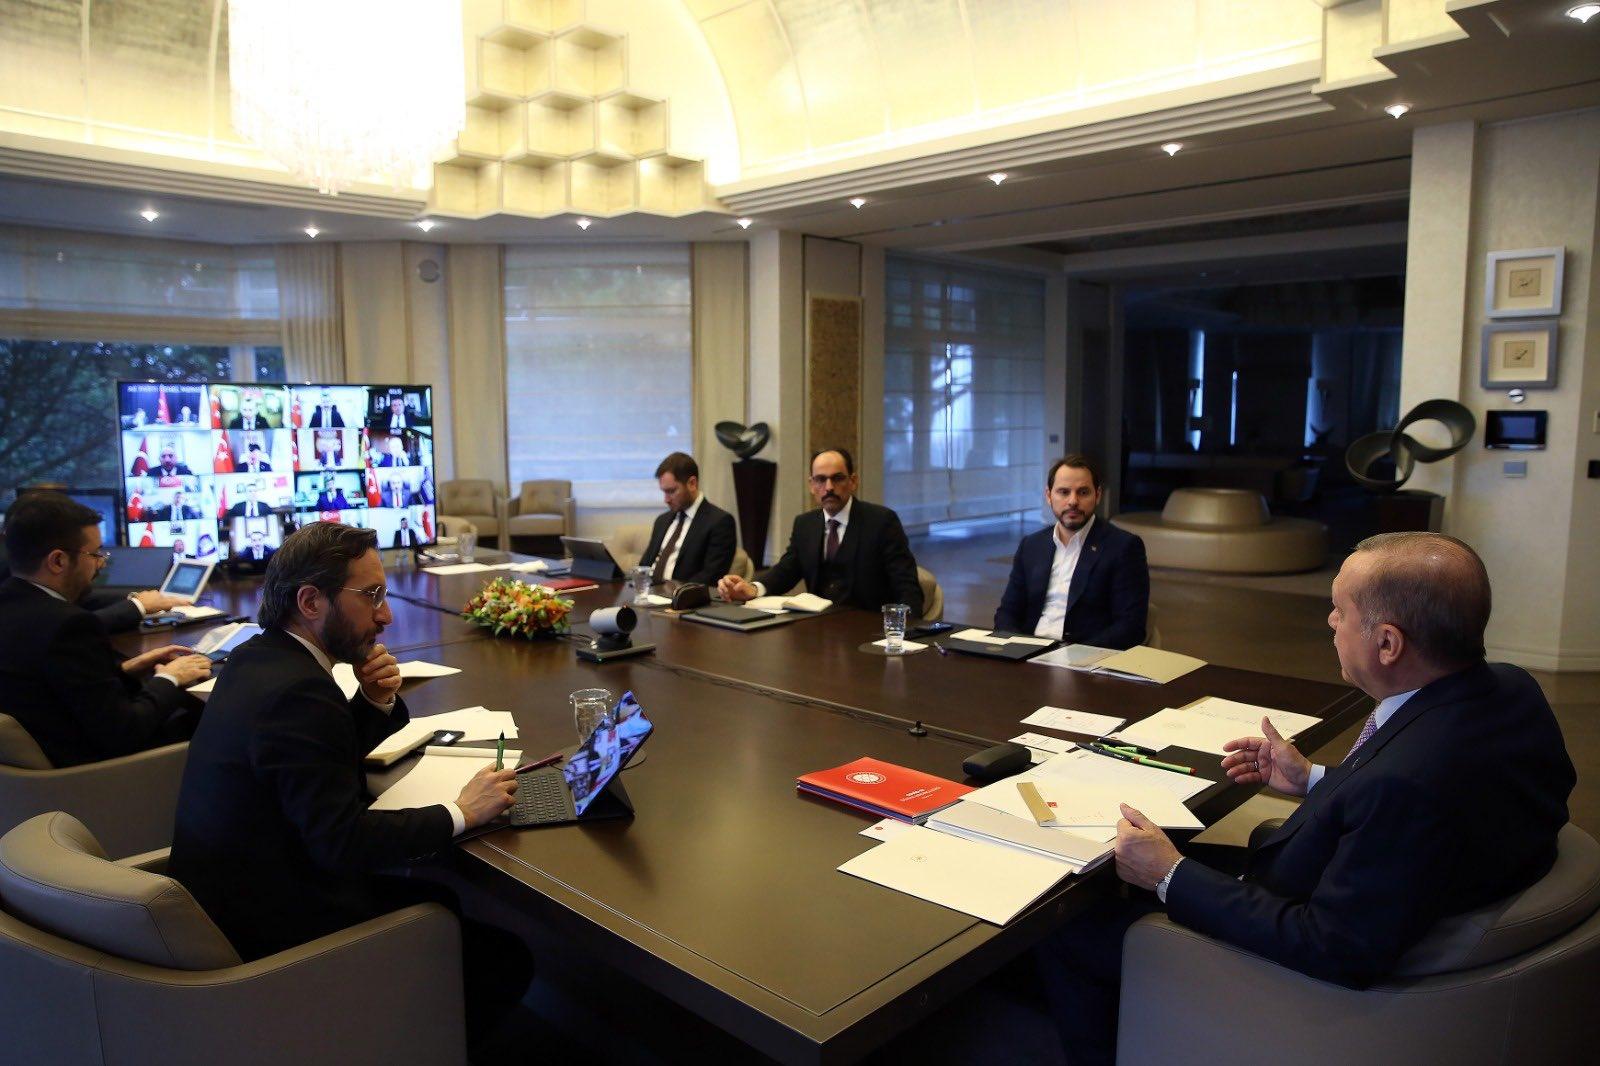 Başkan Arı, Cumhurbaşkanı Erdoğan ile görüştü